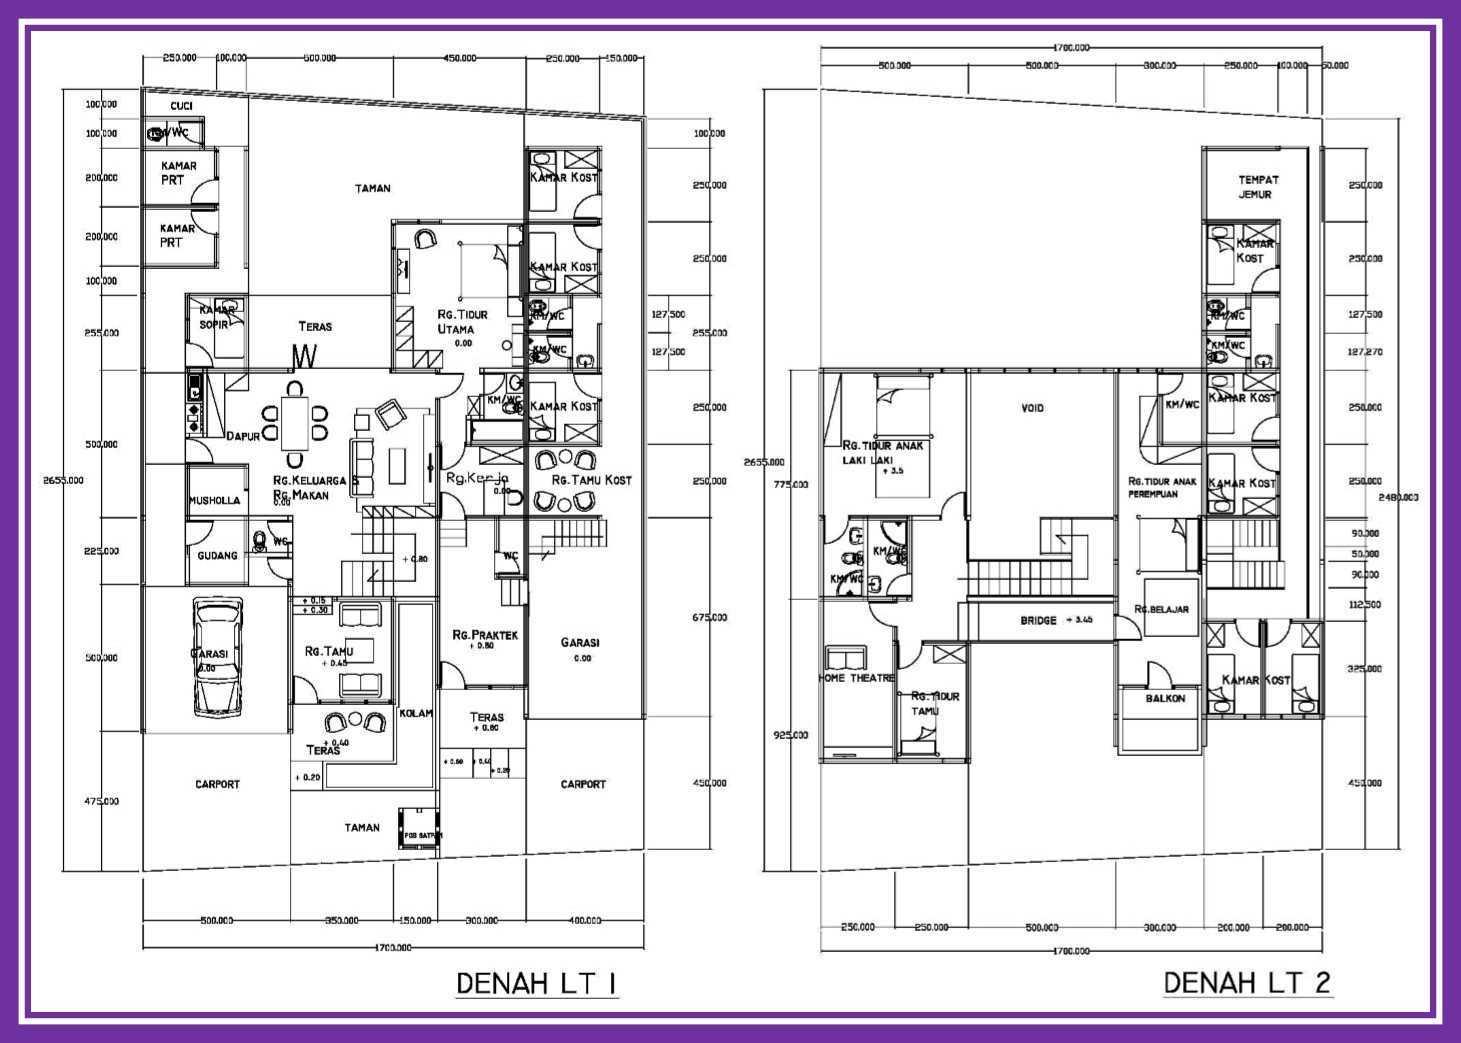 Ideall Design Rumah Junction Box Kec. Jagakarsa, Kota Jakarta Selatan, Daerah Khusus Ibukota Jakarta, Indonesia Kec. Jagakarsa, Kota Jakarta Selatan, Daerah Khusus Ibukota Jakarta, Indonesia Ideall-Design-When-A-Design-Idea-Becomes-Ideal-Design-For-All-Rumah-Junction-Box  114220